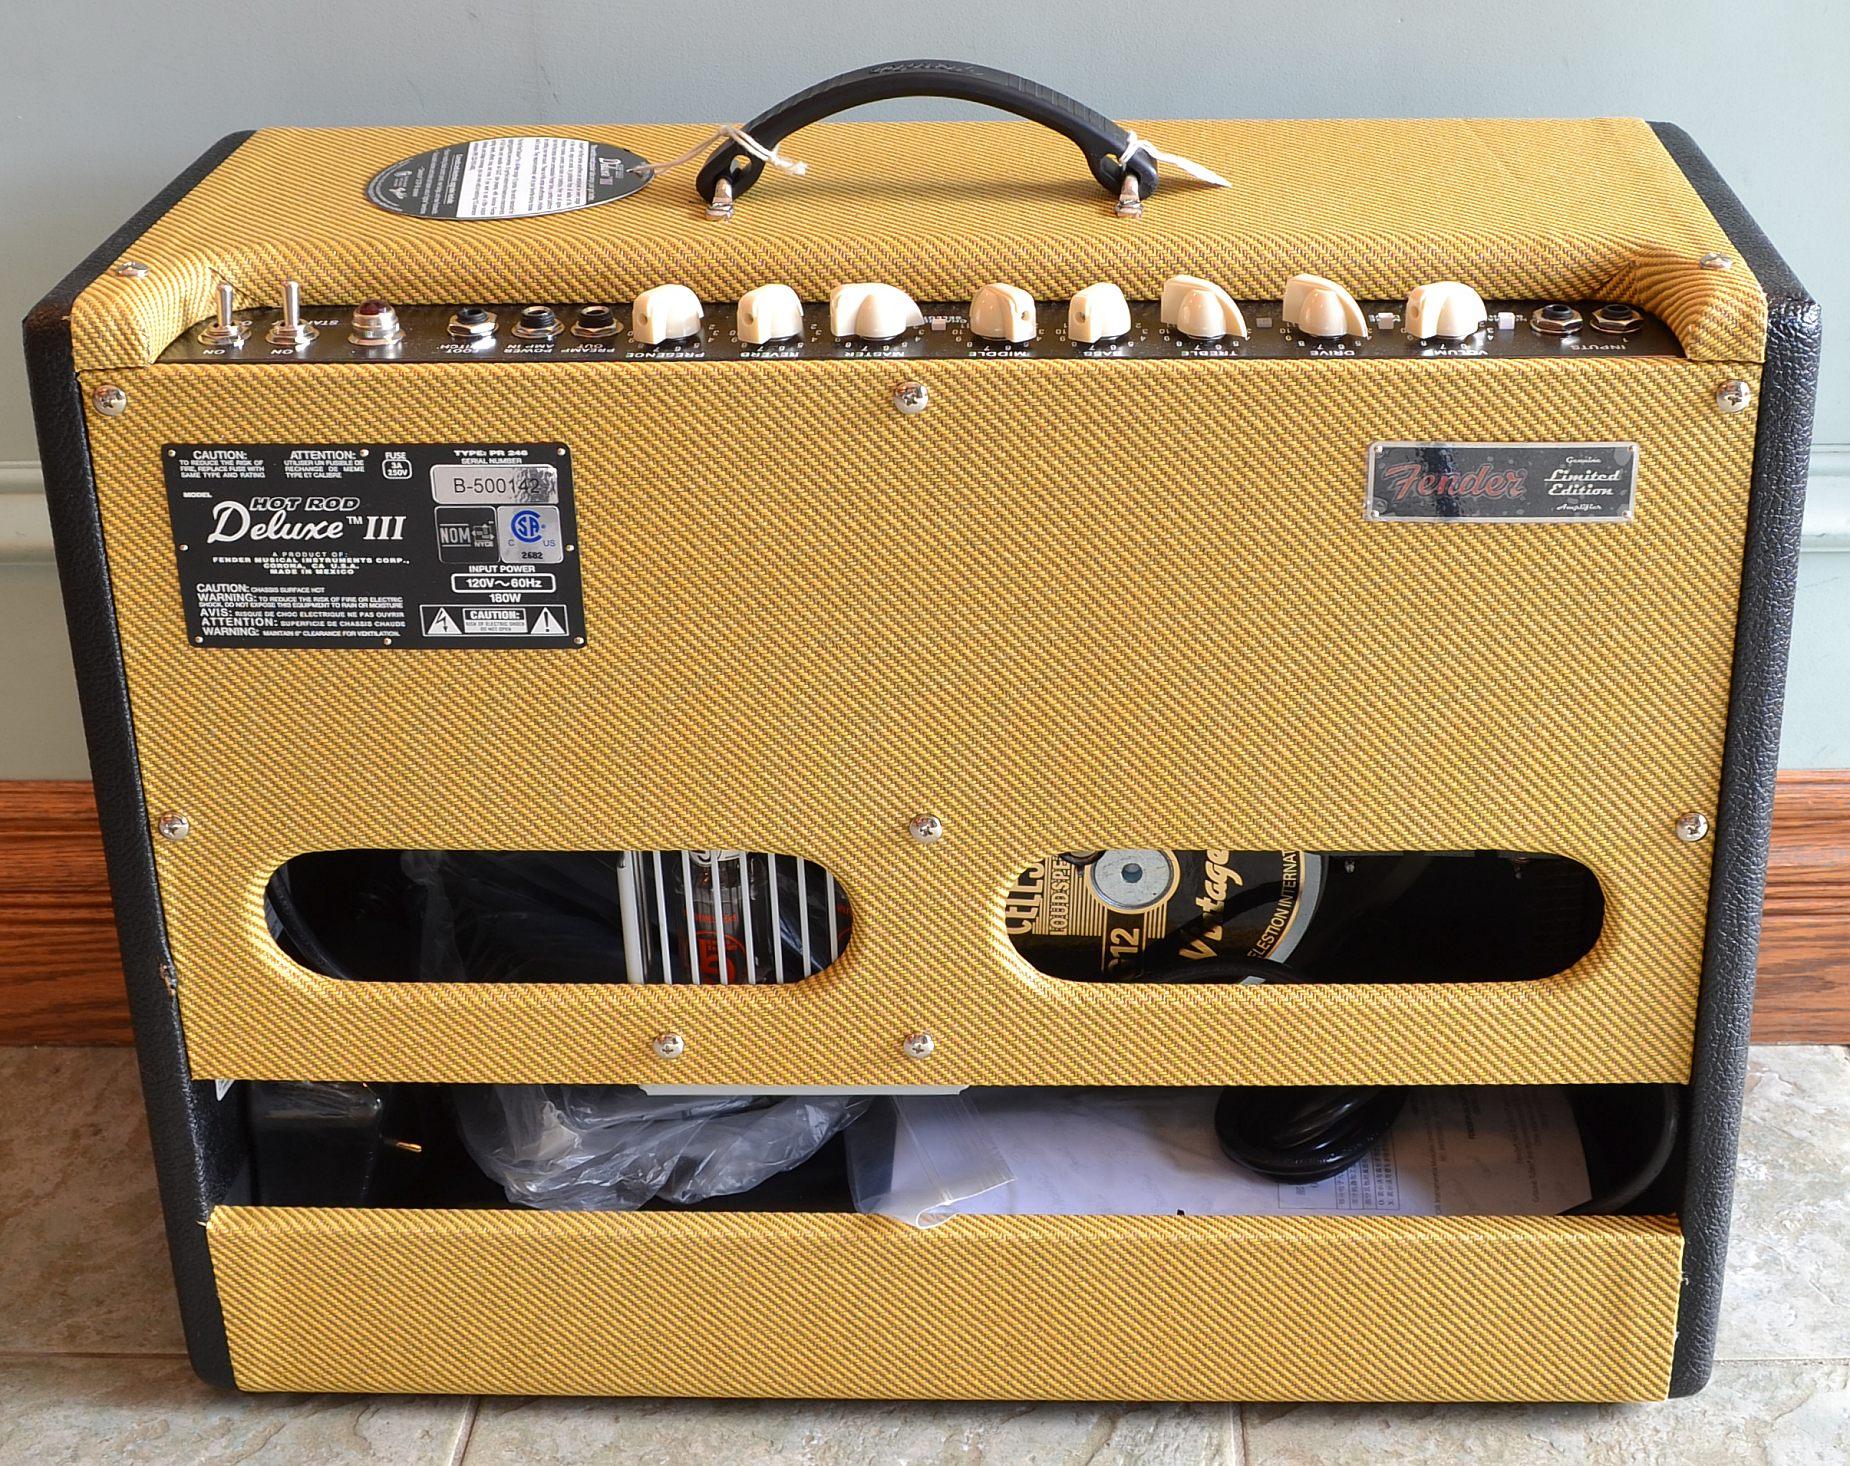 Fender Hot Rod Deluxe Iii Tweed Fender_hot Rod Deluxe 3 Ltd